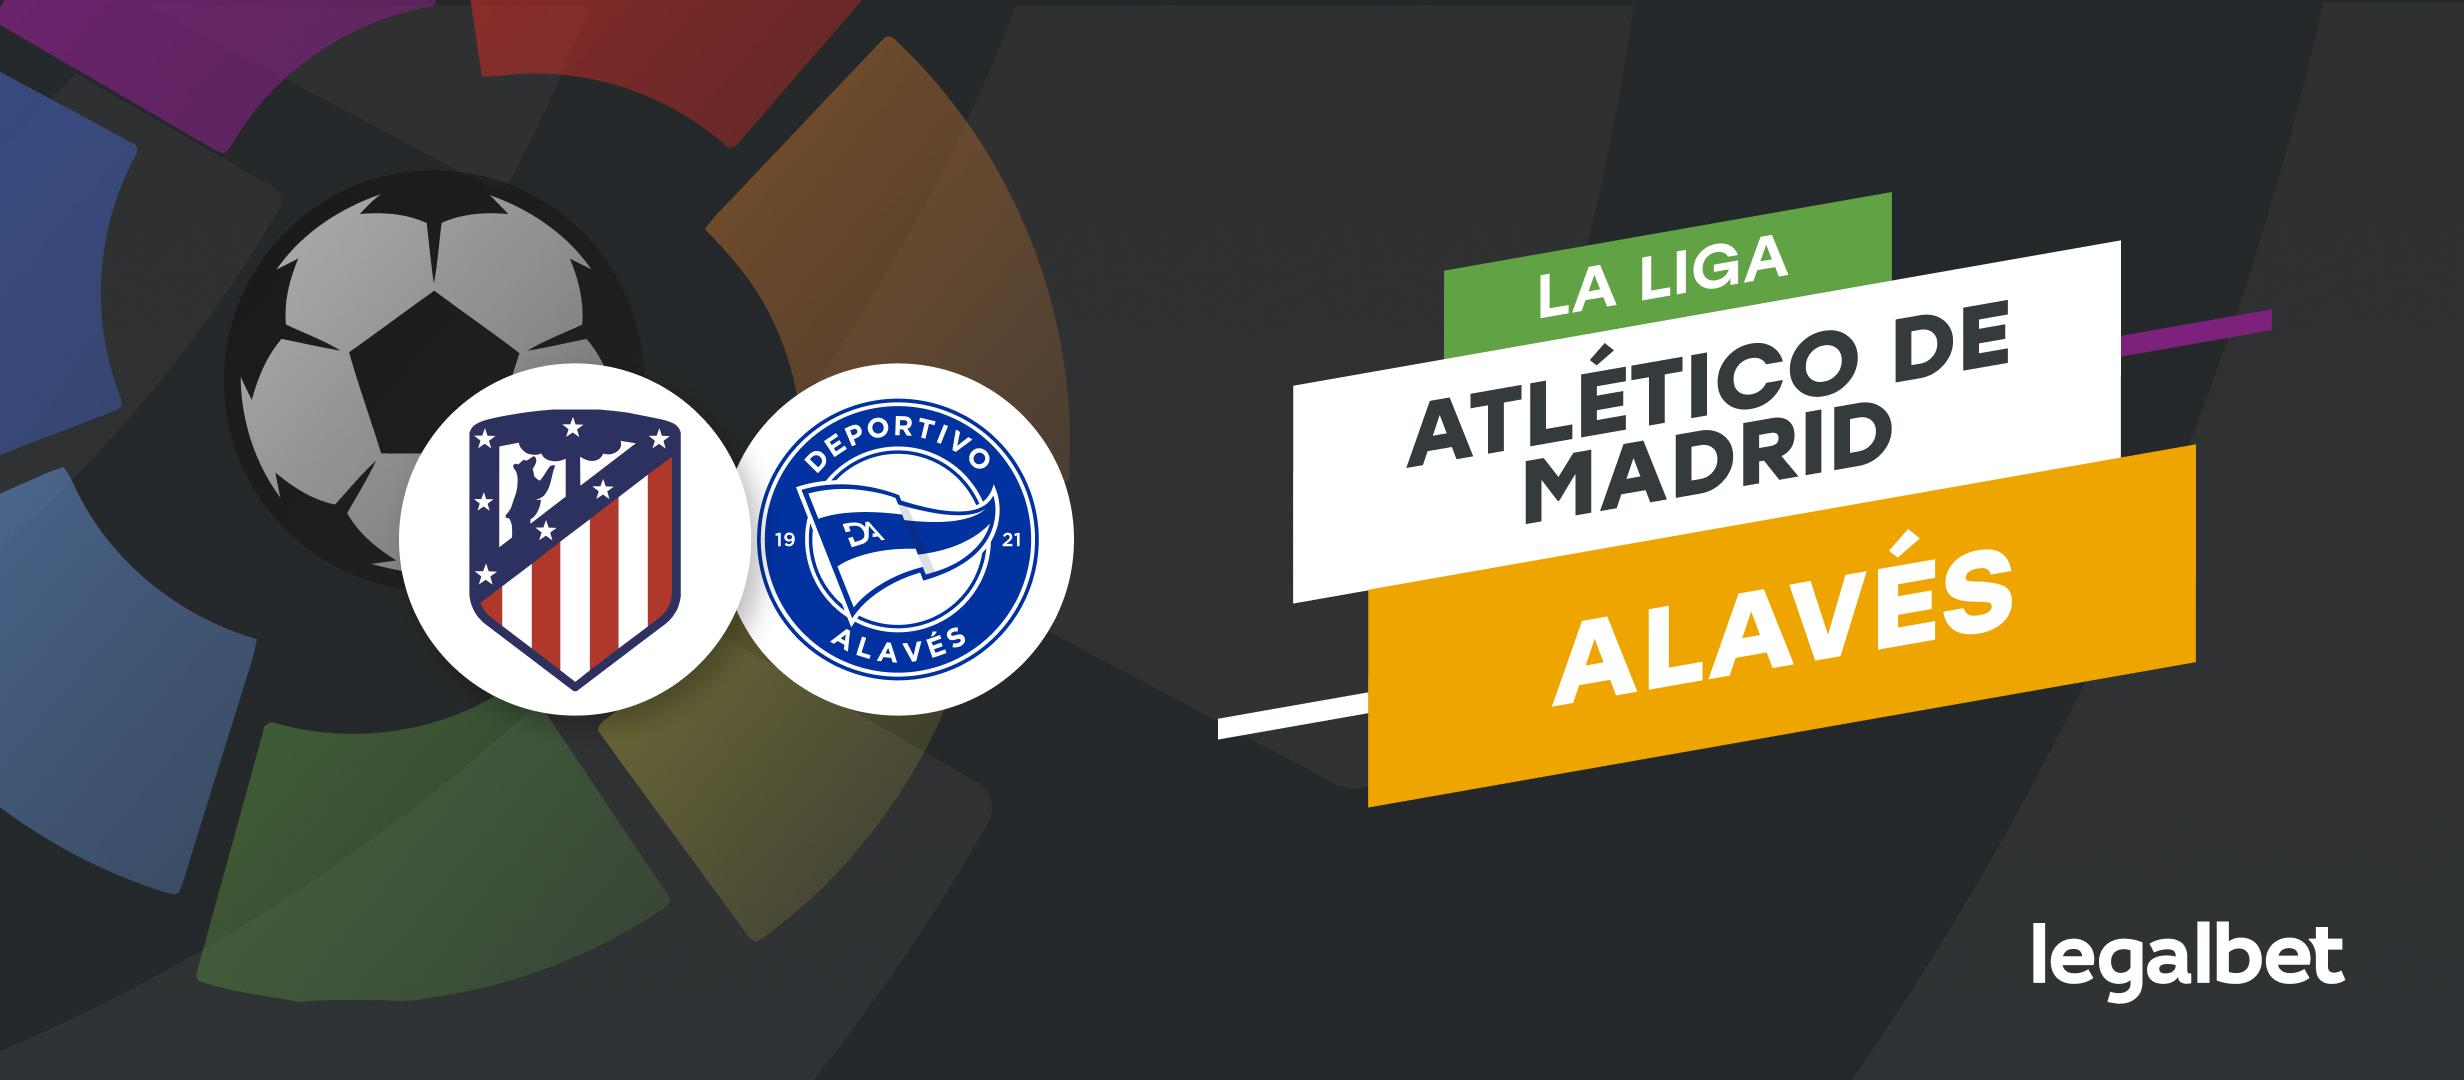 Apuestas Alavés - Atlético de Madrid